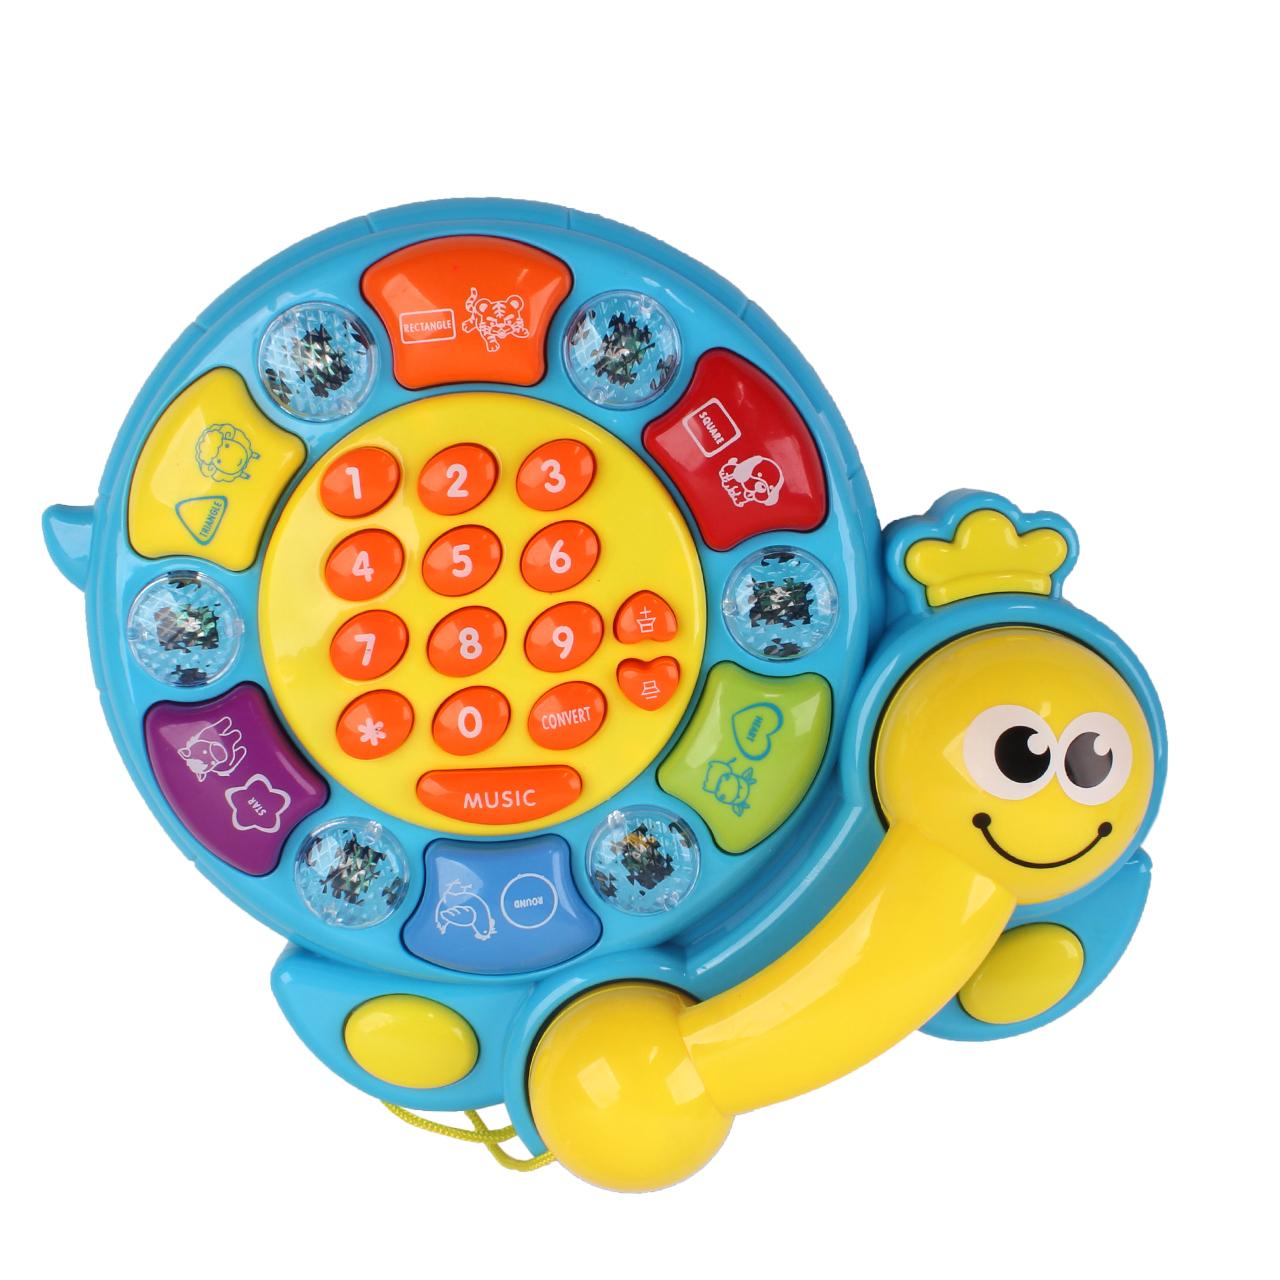 بازی آموزشی مای بیبی طرح تلفن مدل Doctor Torties